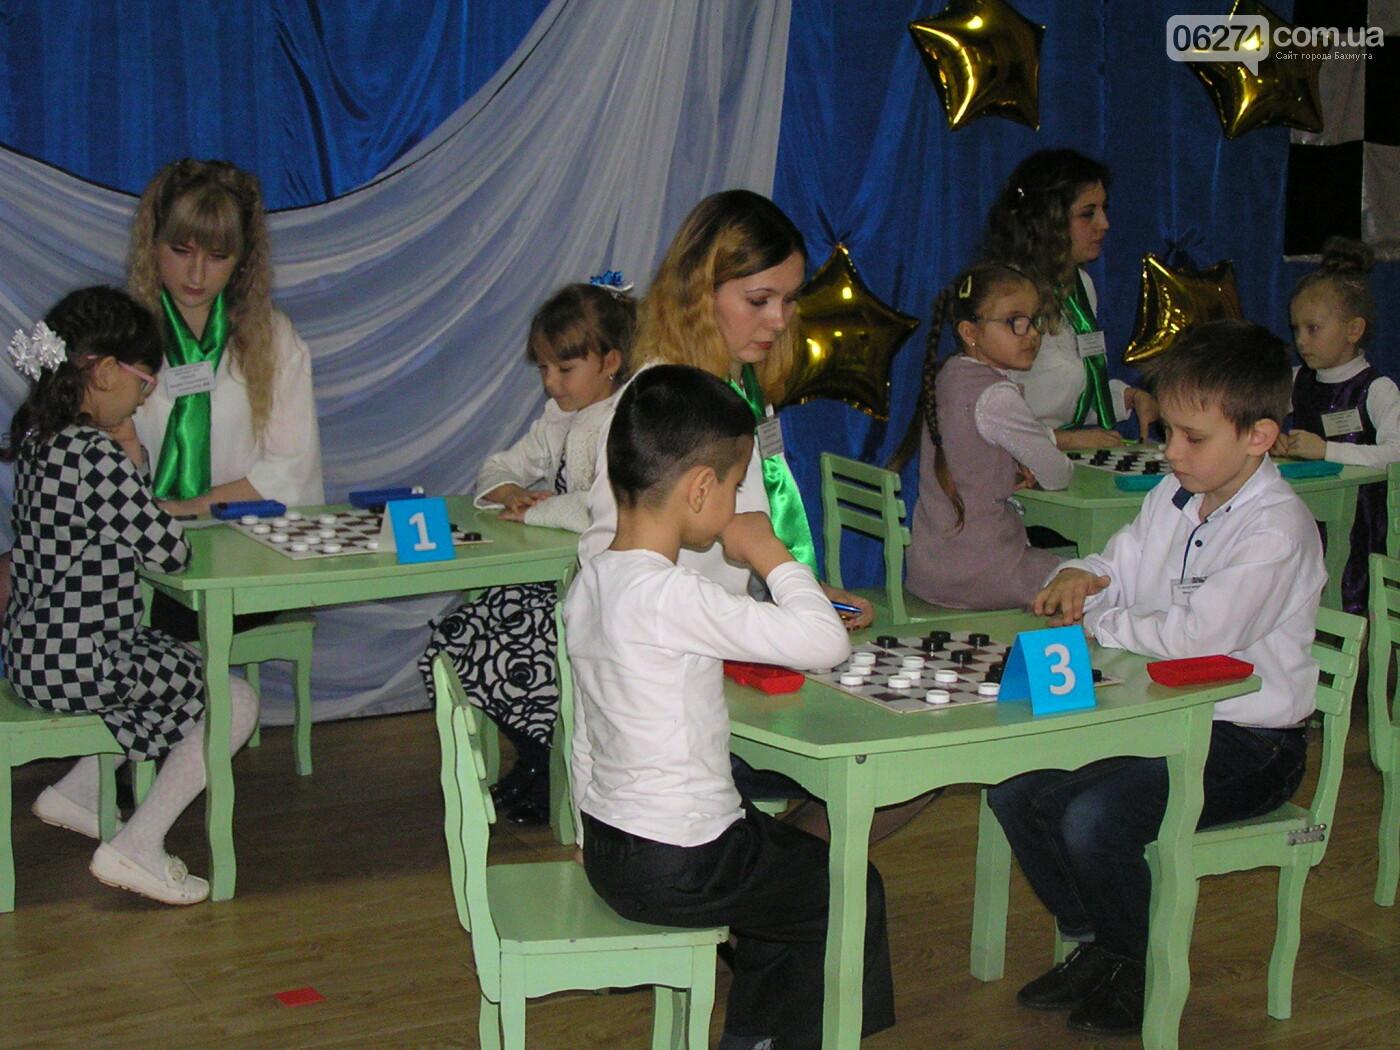 В Бахмуте прошел Финал VII шашечного турнира для детсадовцев, фото-4